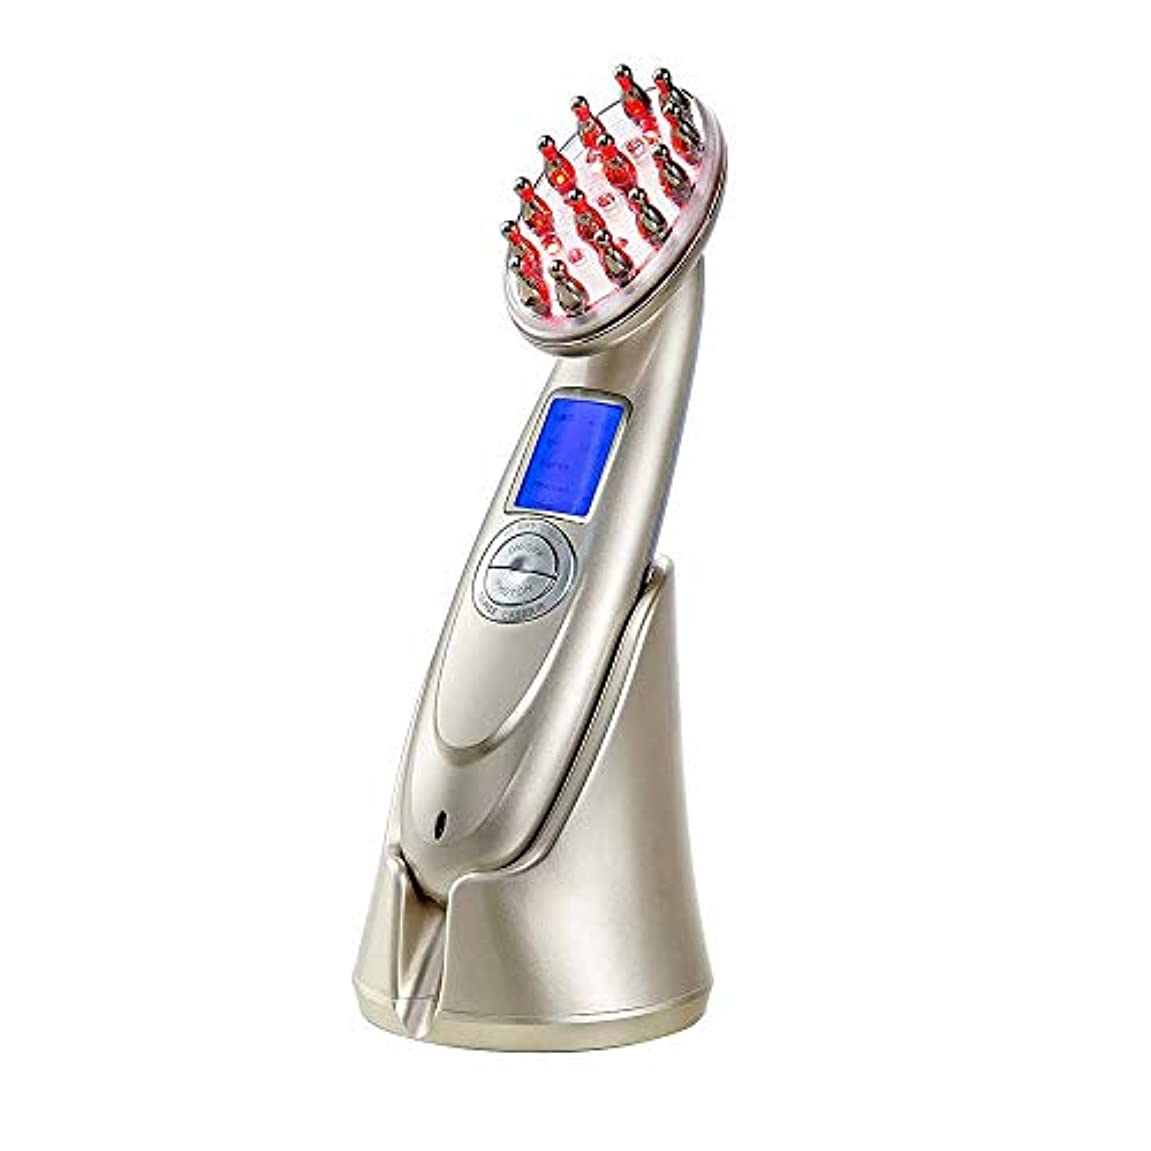 熱心な職人模索髪の成長櫛電気抗毛損失治療マッサージヘア再生ブラシ無線周波数職業 EMS Led フォトンライトセラピー櫛